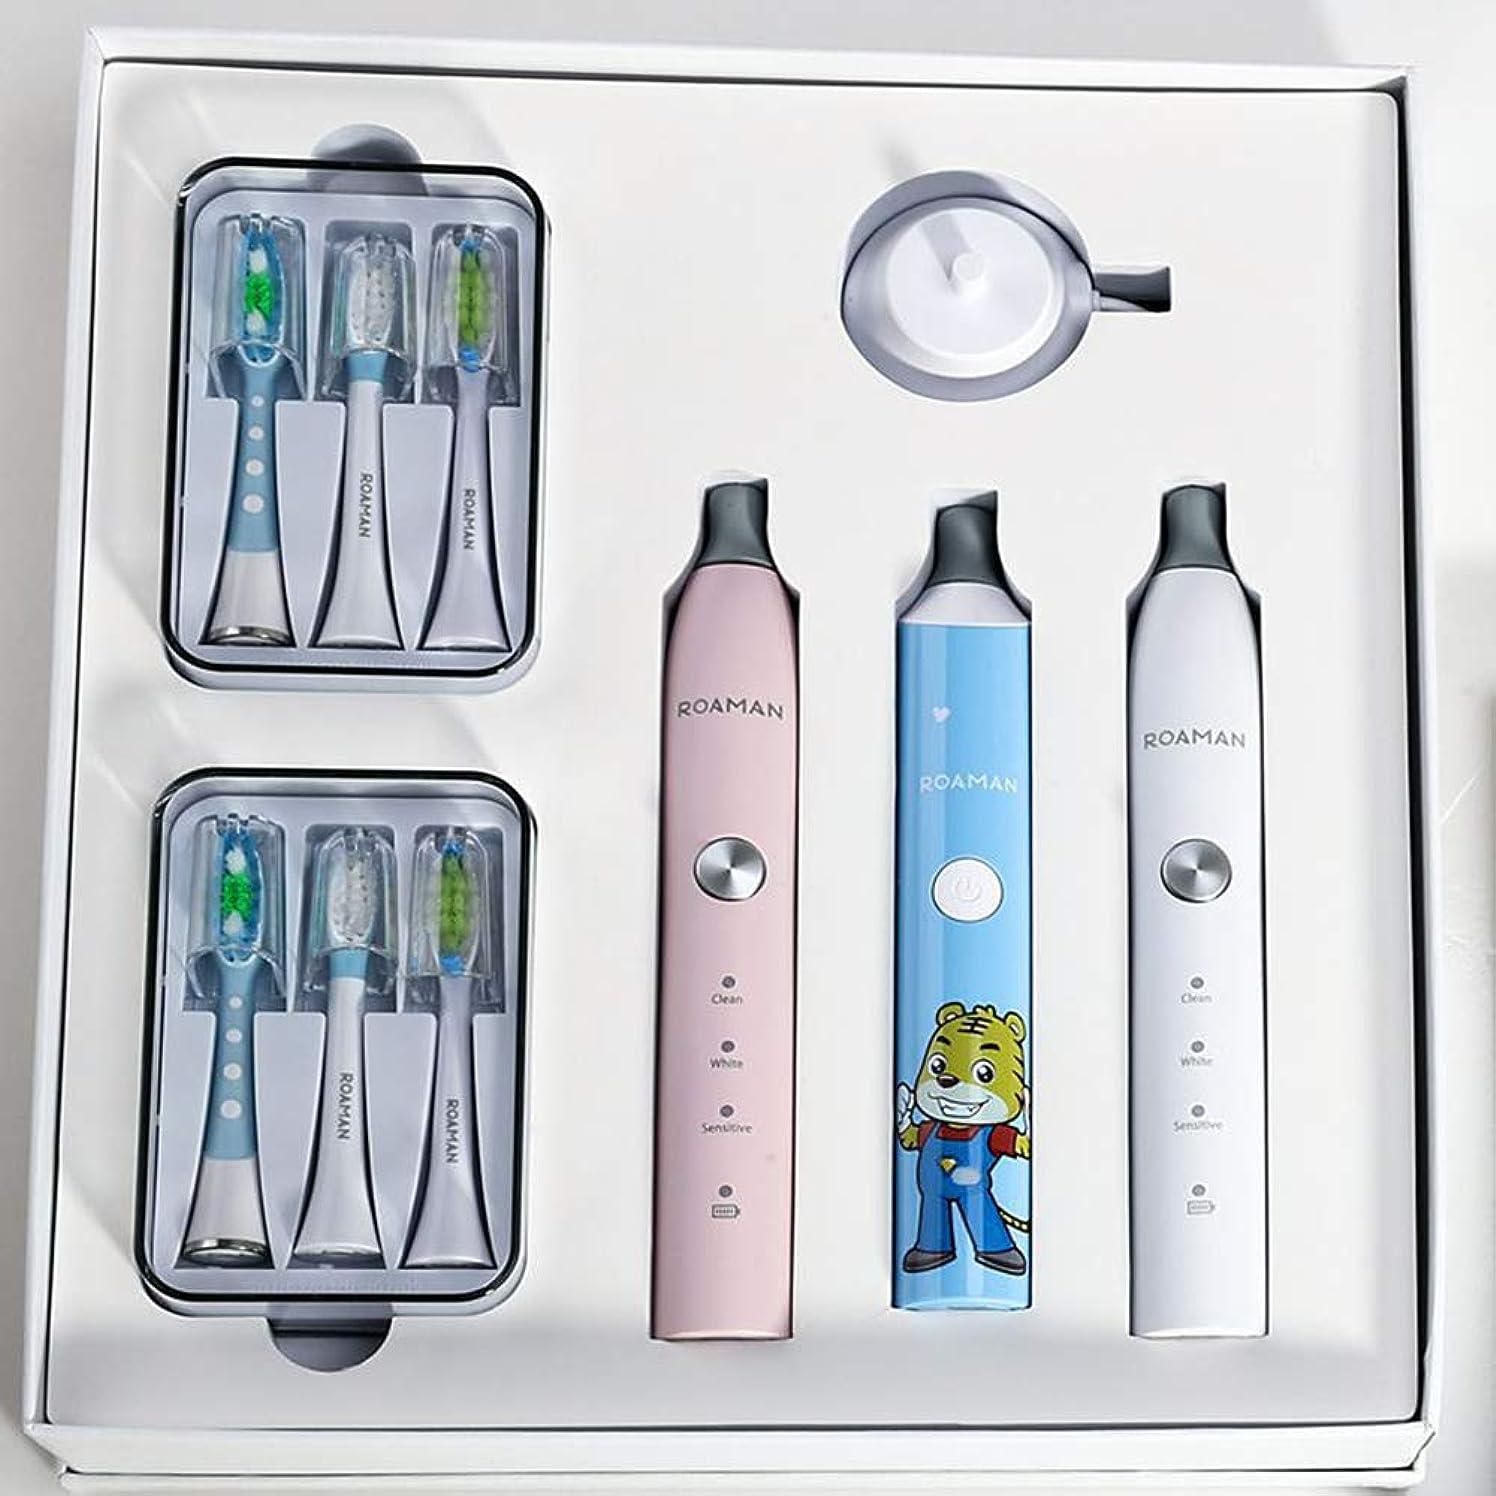 ズボン下線バンジージャンプ歯ブラシファミリーセット高級ギフトボックス歯ブラシ大人子供歯ブラシコンビネーションセット歯ブラシ